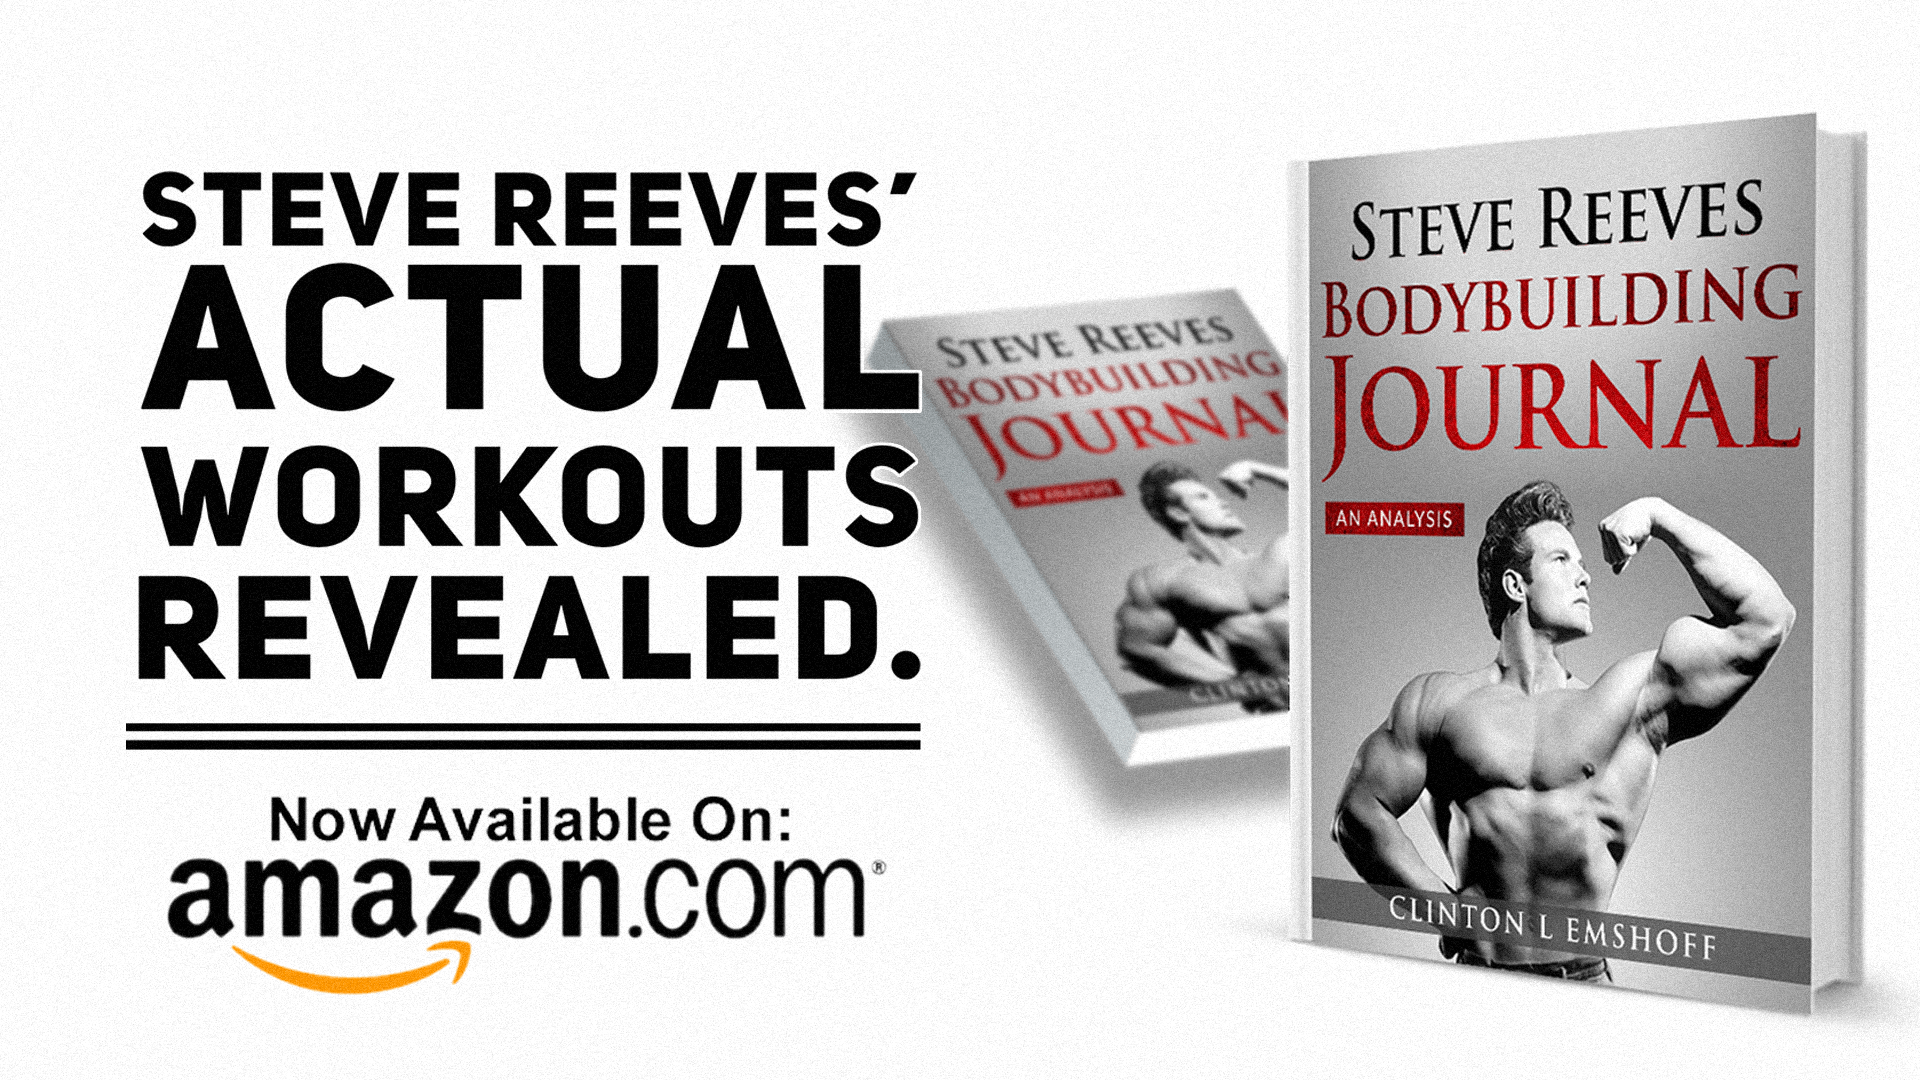 Steve Reeves Bodybuilding Journal